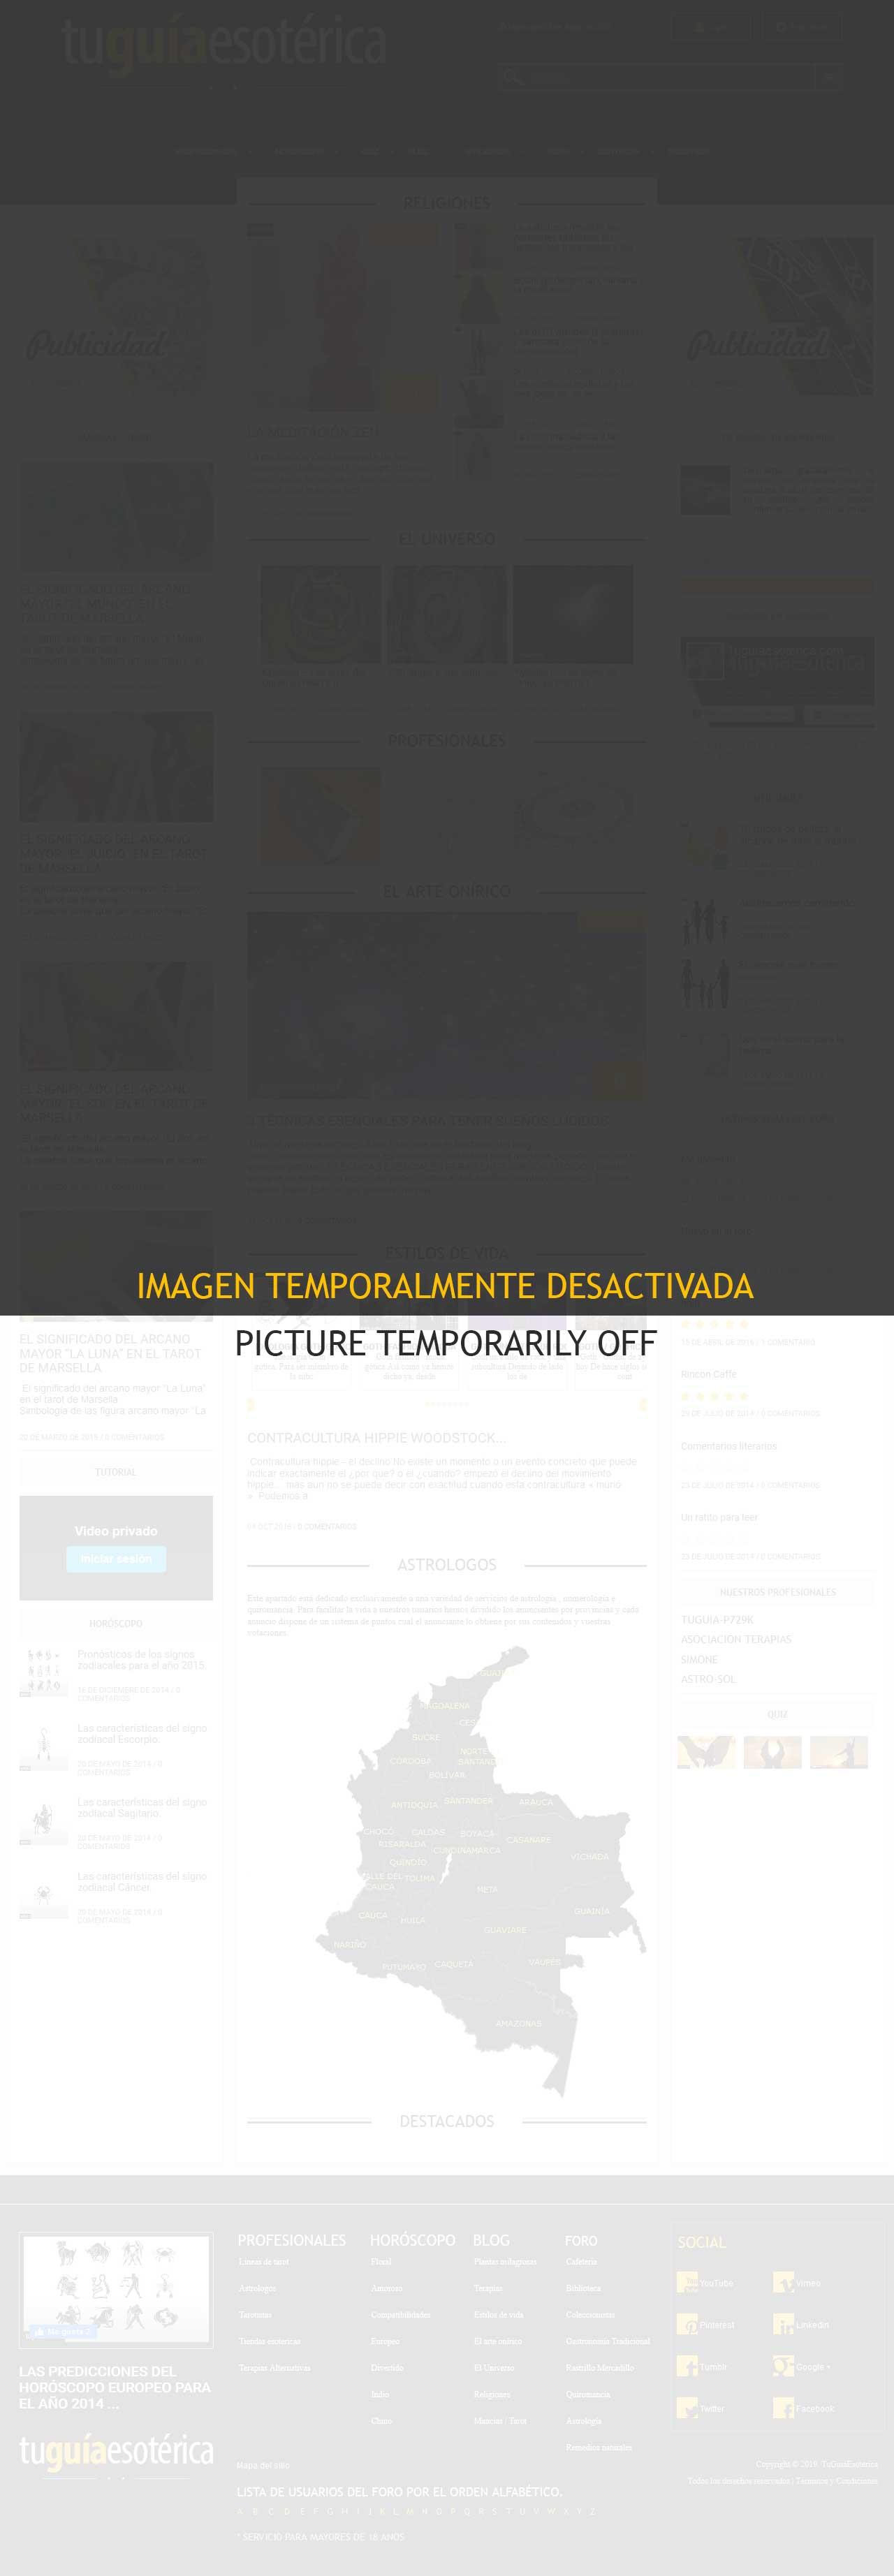 Tu Guía Esotérica - Comunidad de esoterismo online. (No diseñada, sólo mejoras y corrección de errores en el diseño y añadidos de mapas vectoriales en formato SVG), Rediseño de una versión anterior del código y programación desde 0 con Html5, CSS3, Javascript, Jquery, Ajax, Php7, Mysql, Sublime Text, Photoshop, Inkscape. Trabajo realizado como freelancer para S.C. De Line S.R.L. Septiembre 2017 a Marzo 2019